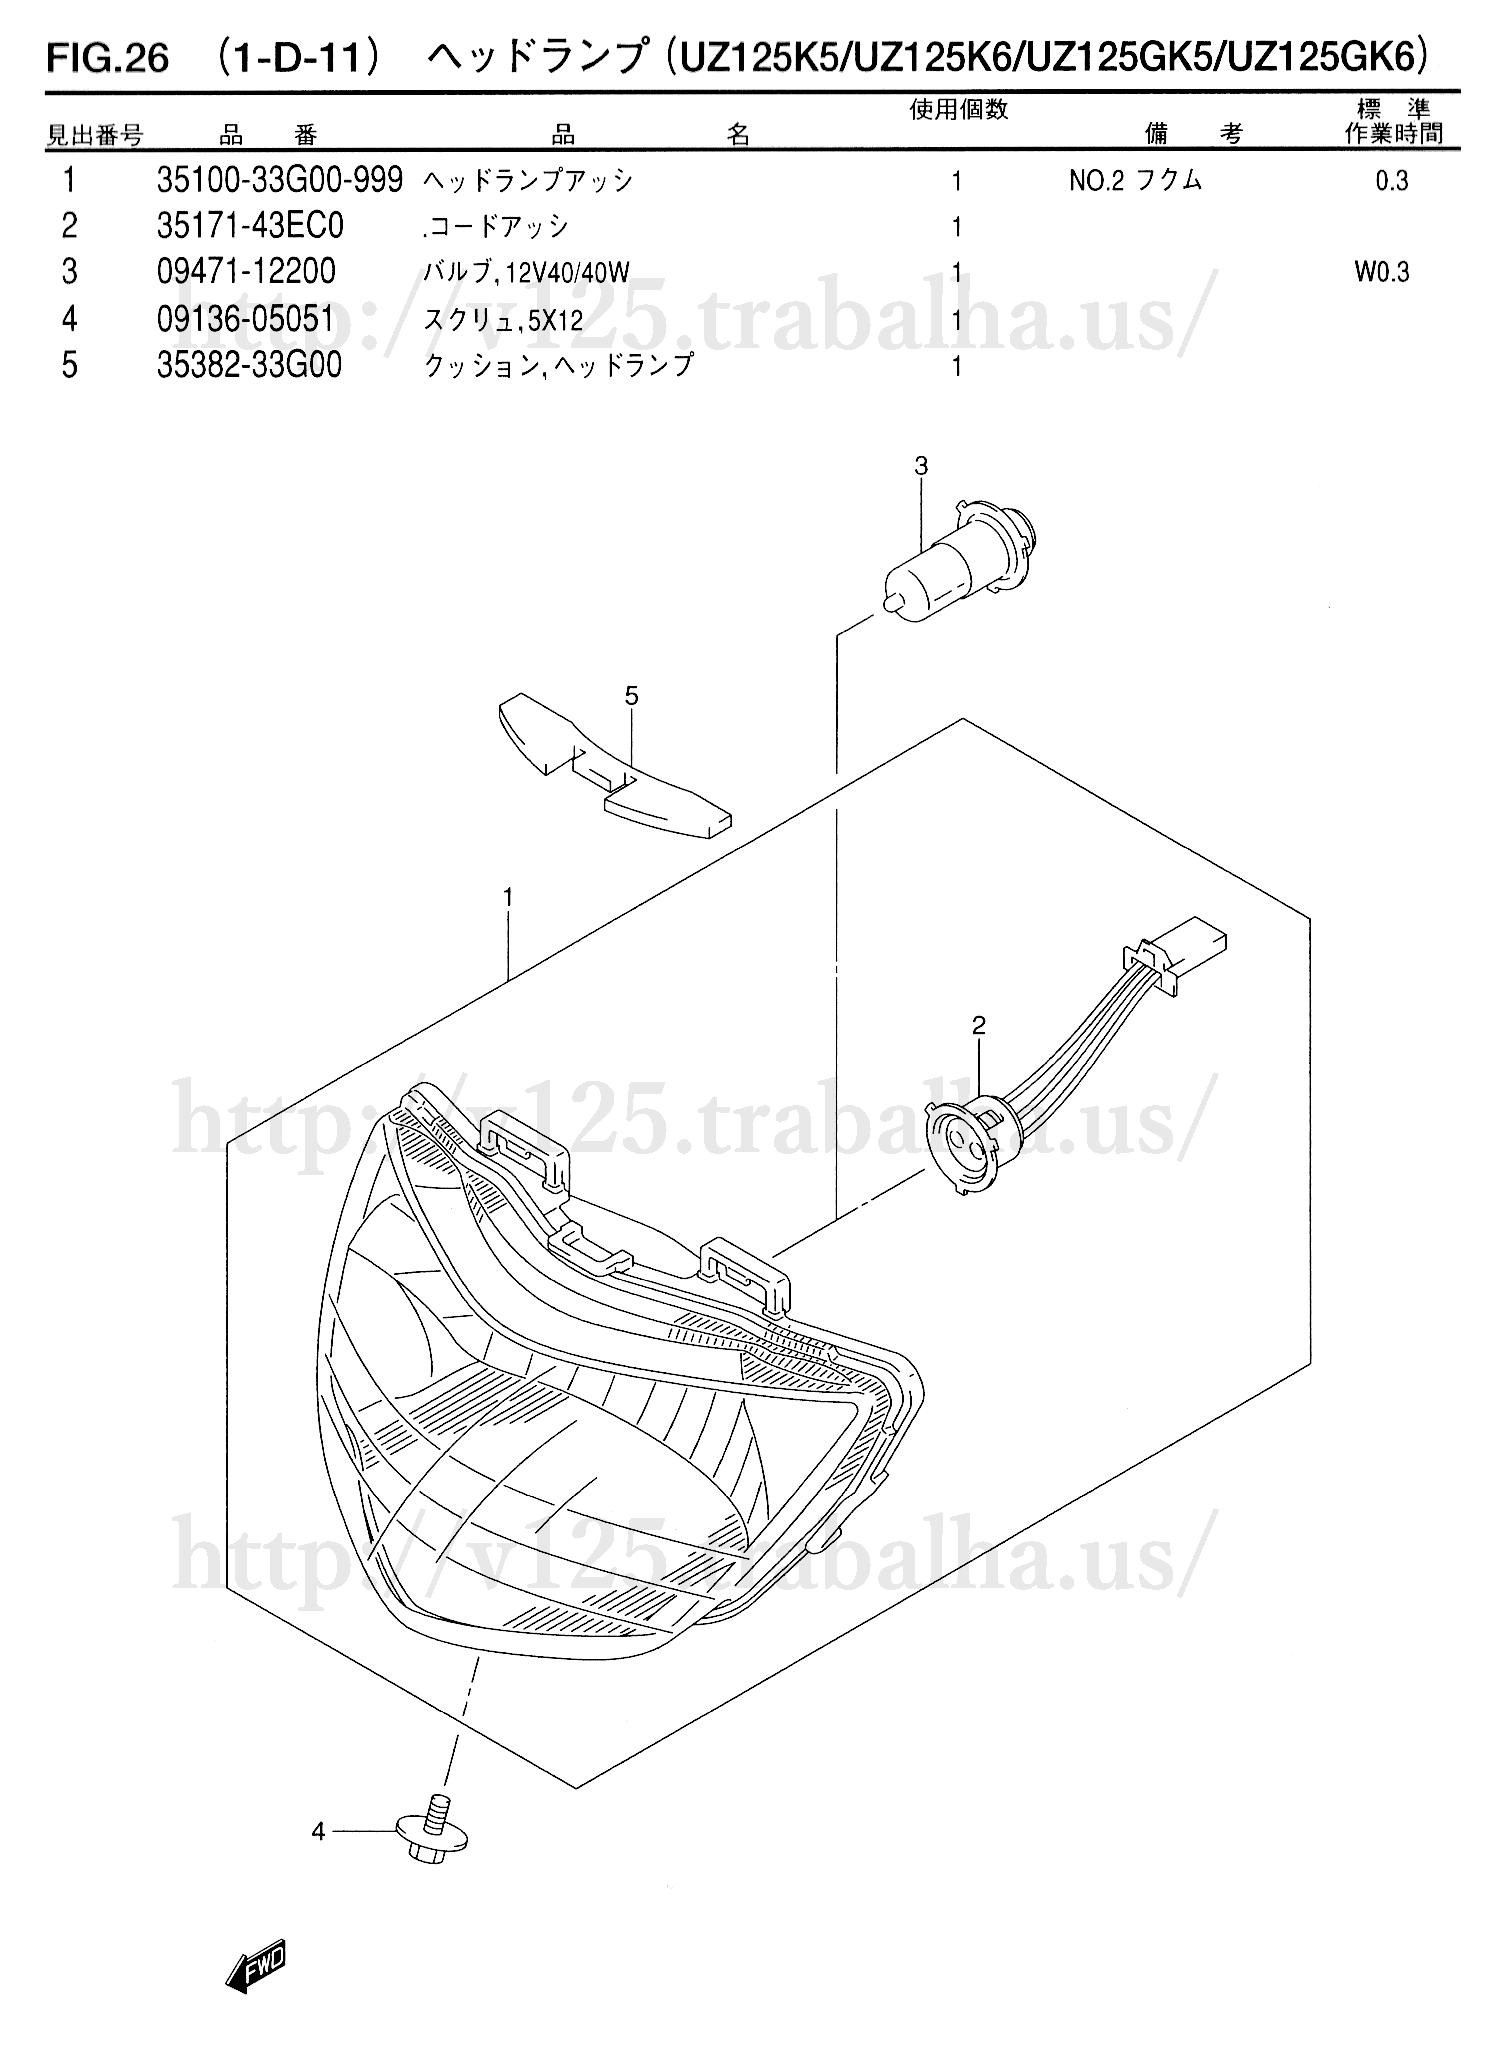 FIG.26(1-D-11)ヘッドランプ(UZ125K5/UZ125K6/UZ125GK5/UZ125GK6)